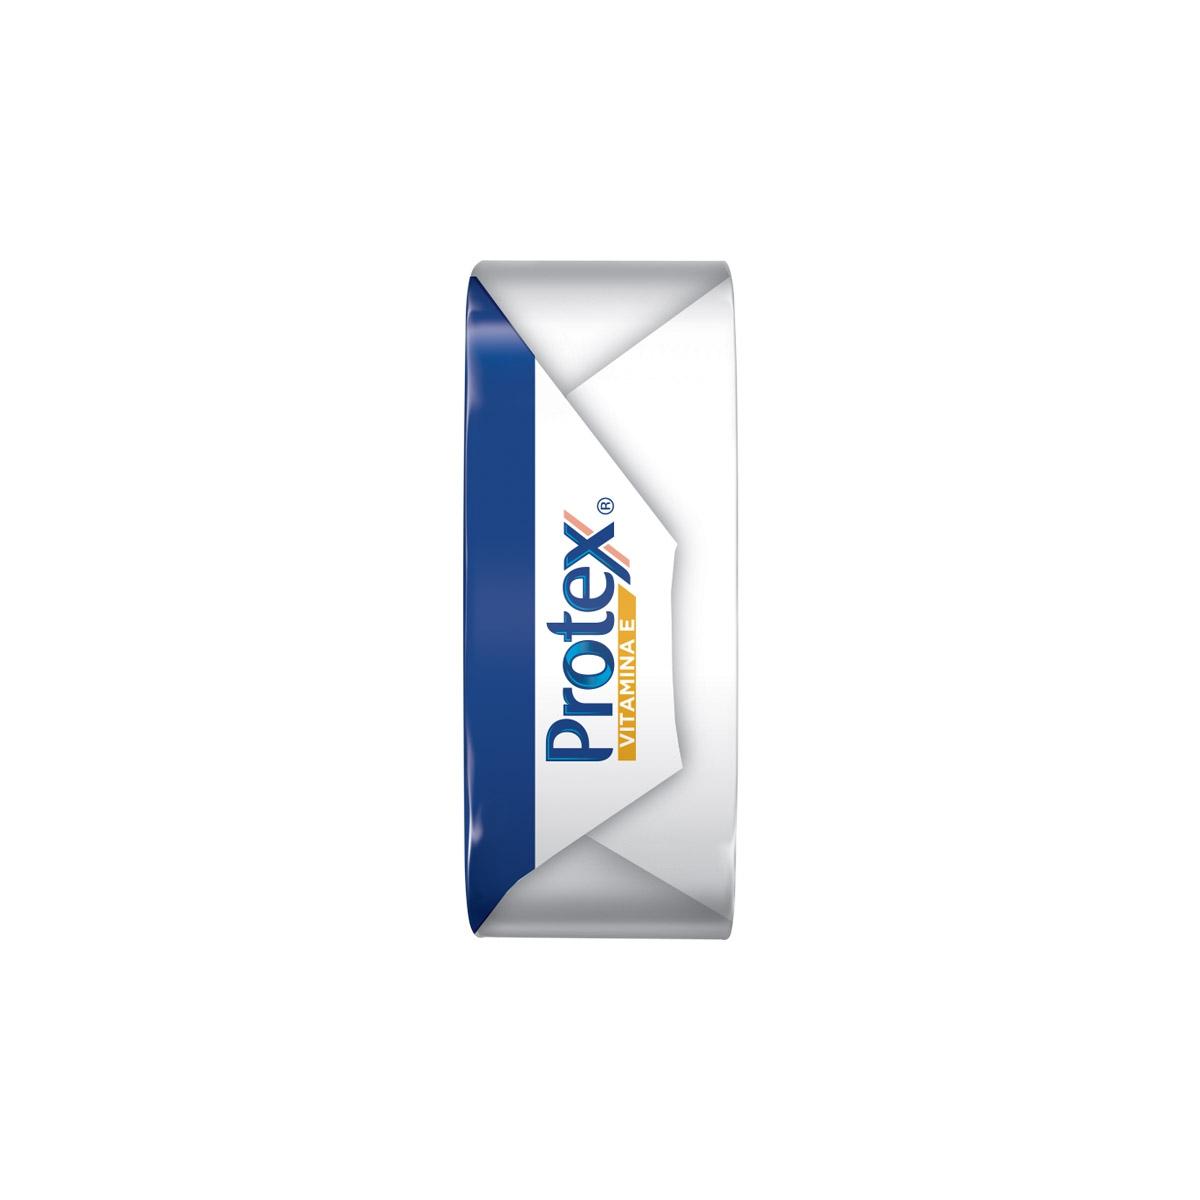 Sabonete em Barra Protex Nutri Protect Vitamina E 85g